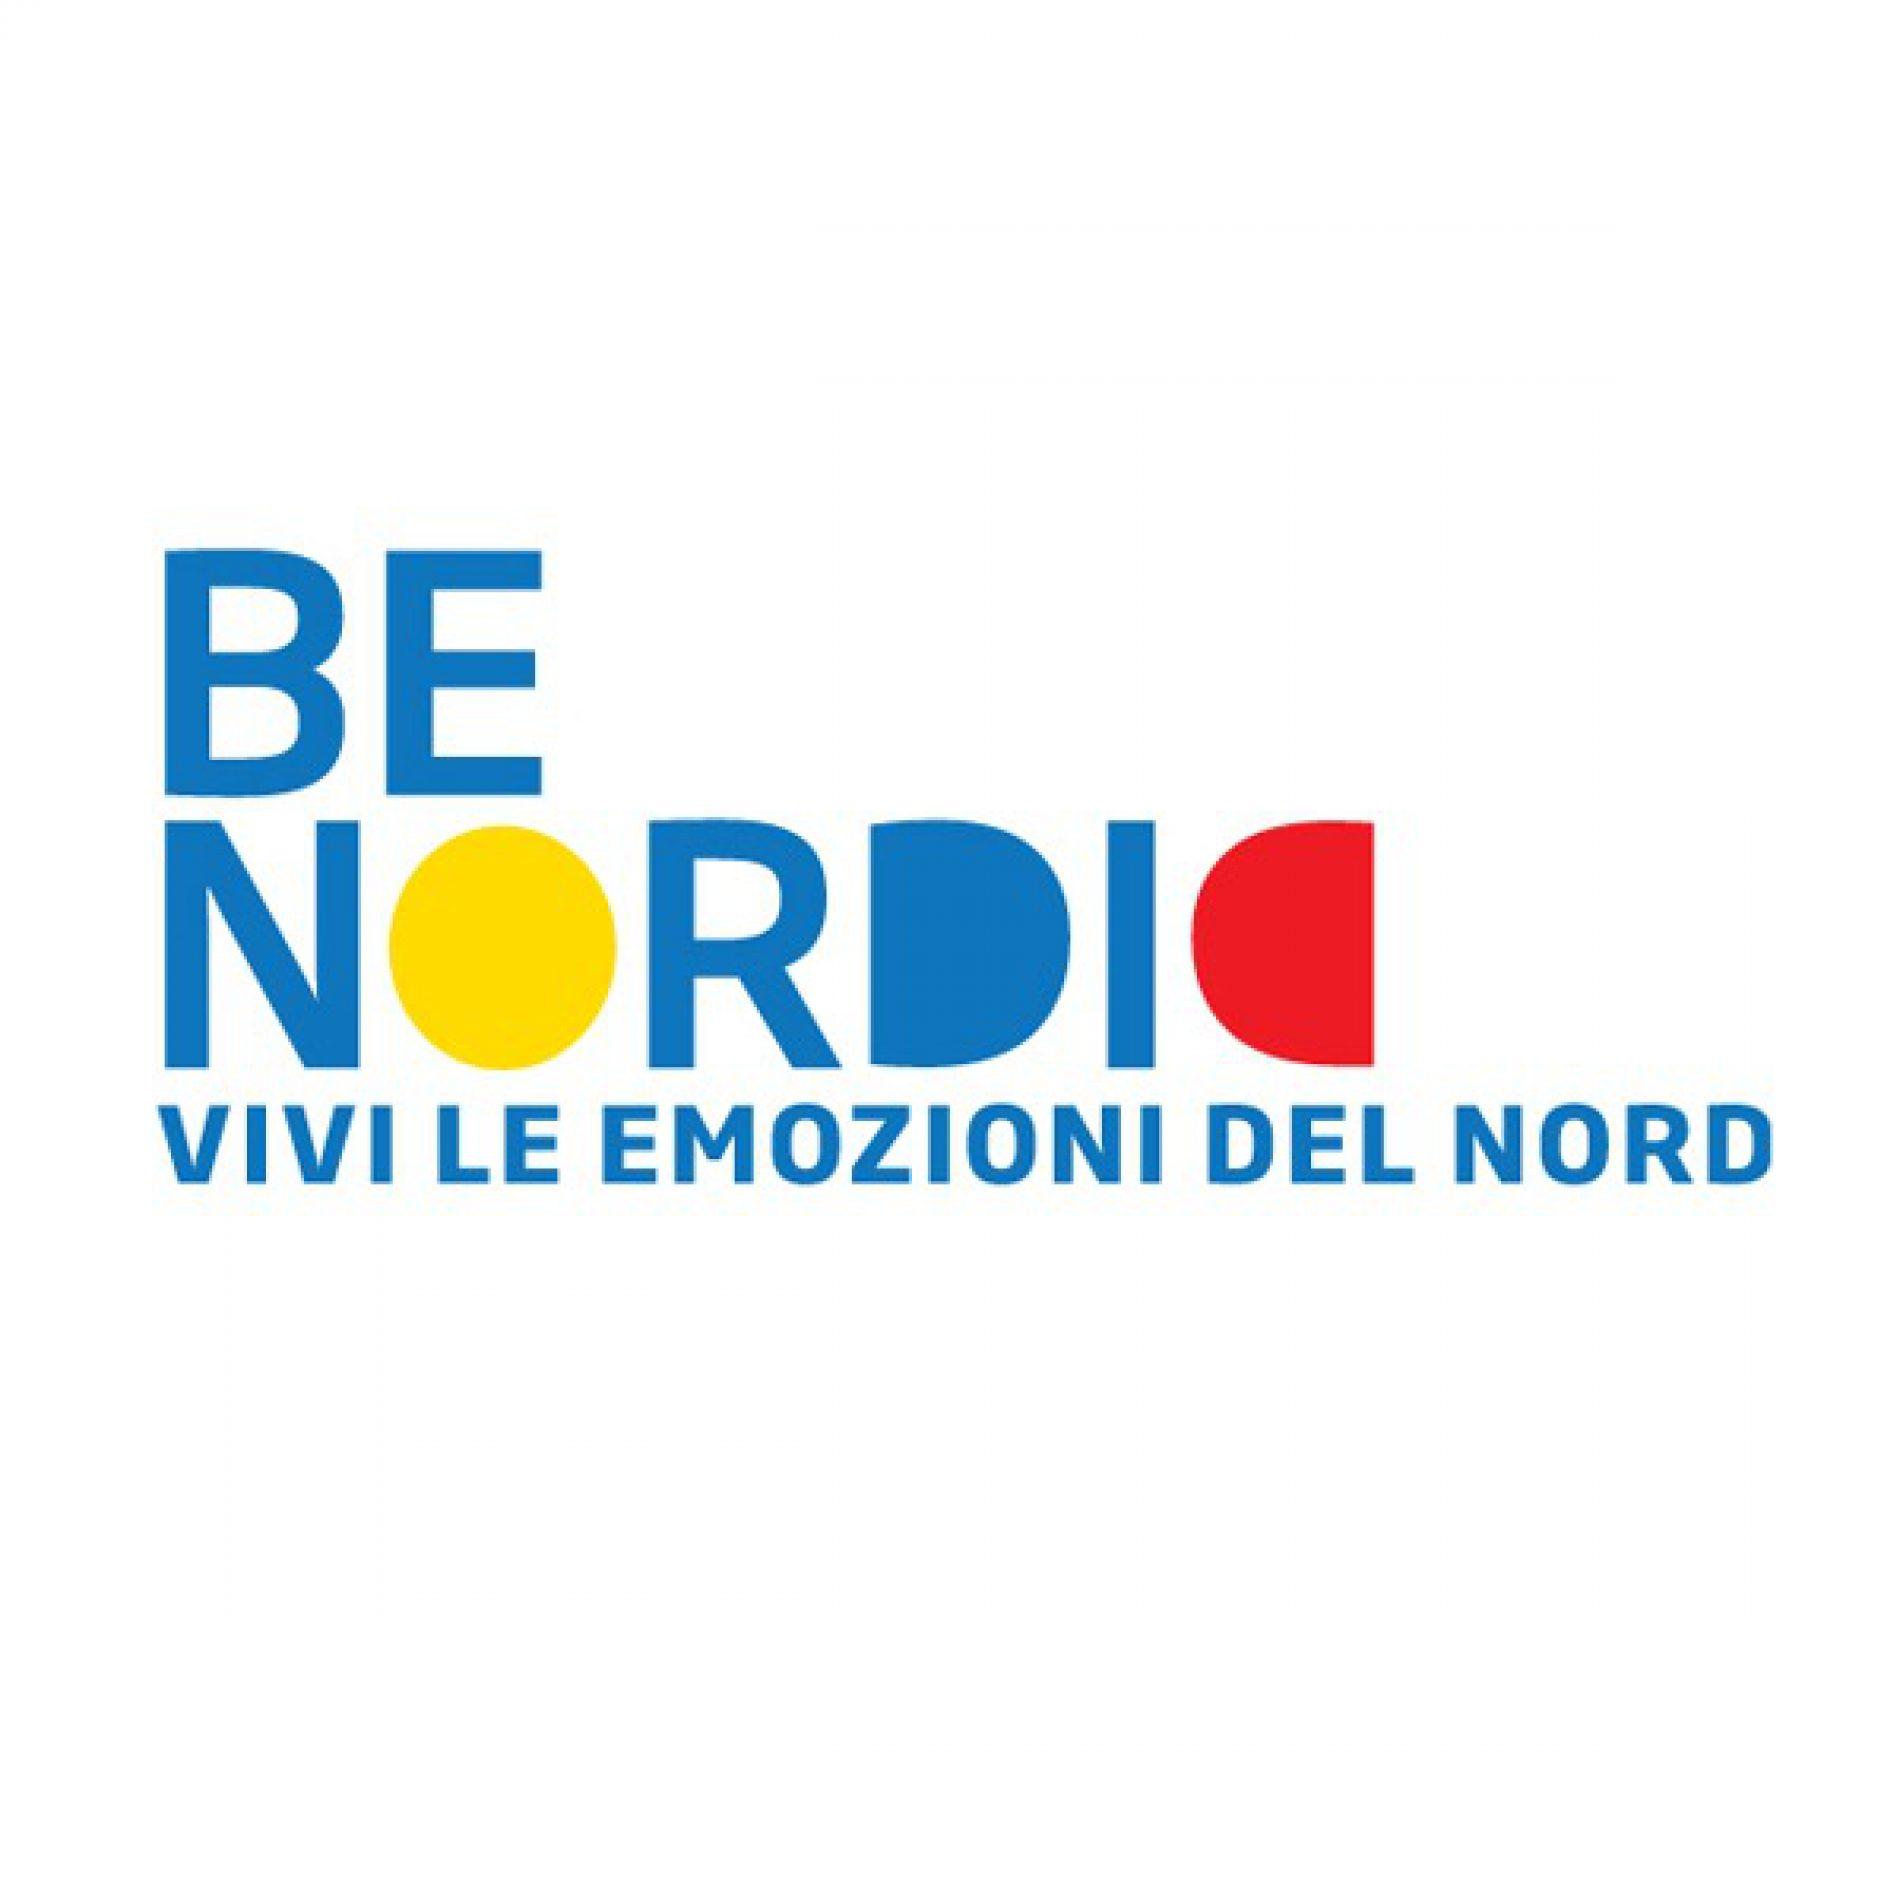 Be Nordic, smart cities e sviluppo urbano